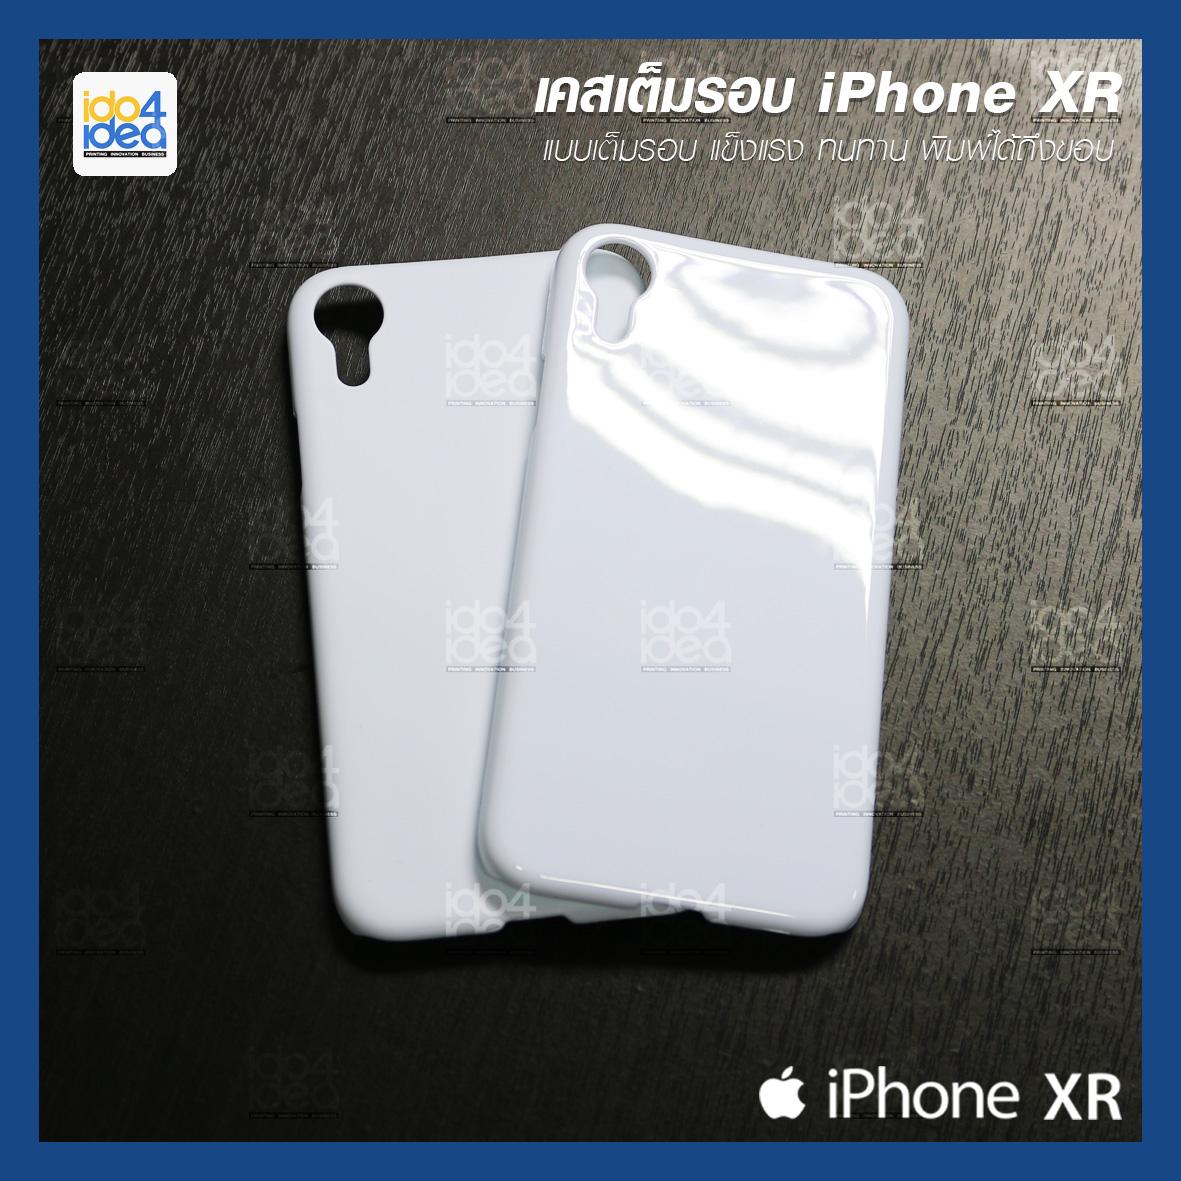 เคสพิมพ์ภาพเต็มรอบ iPhone XR มี 2 แบบ ให้เลือก